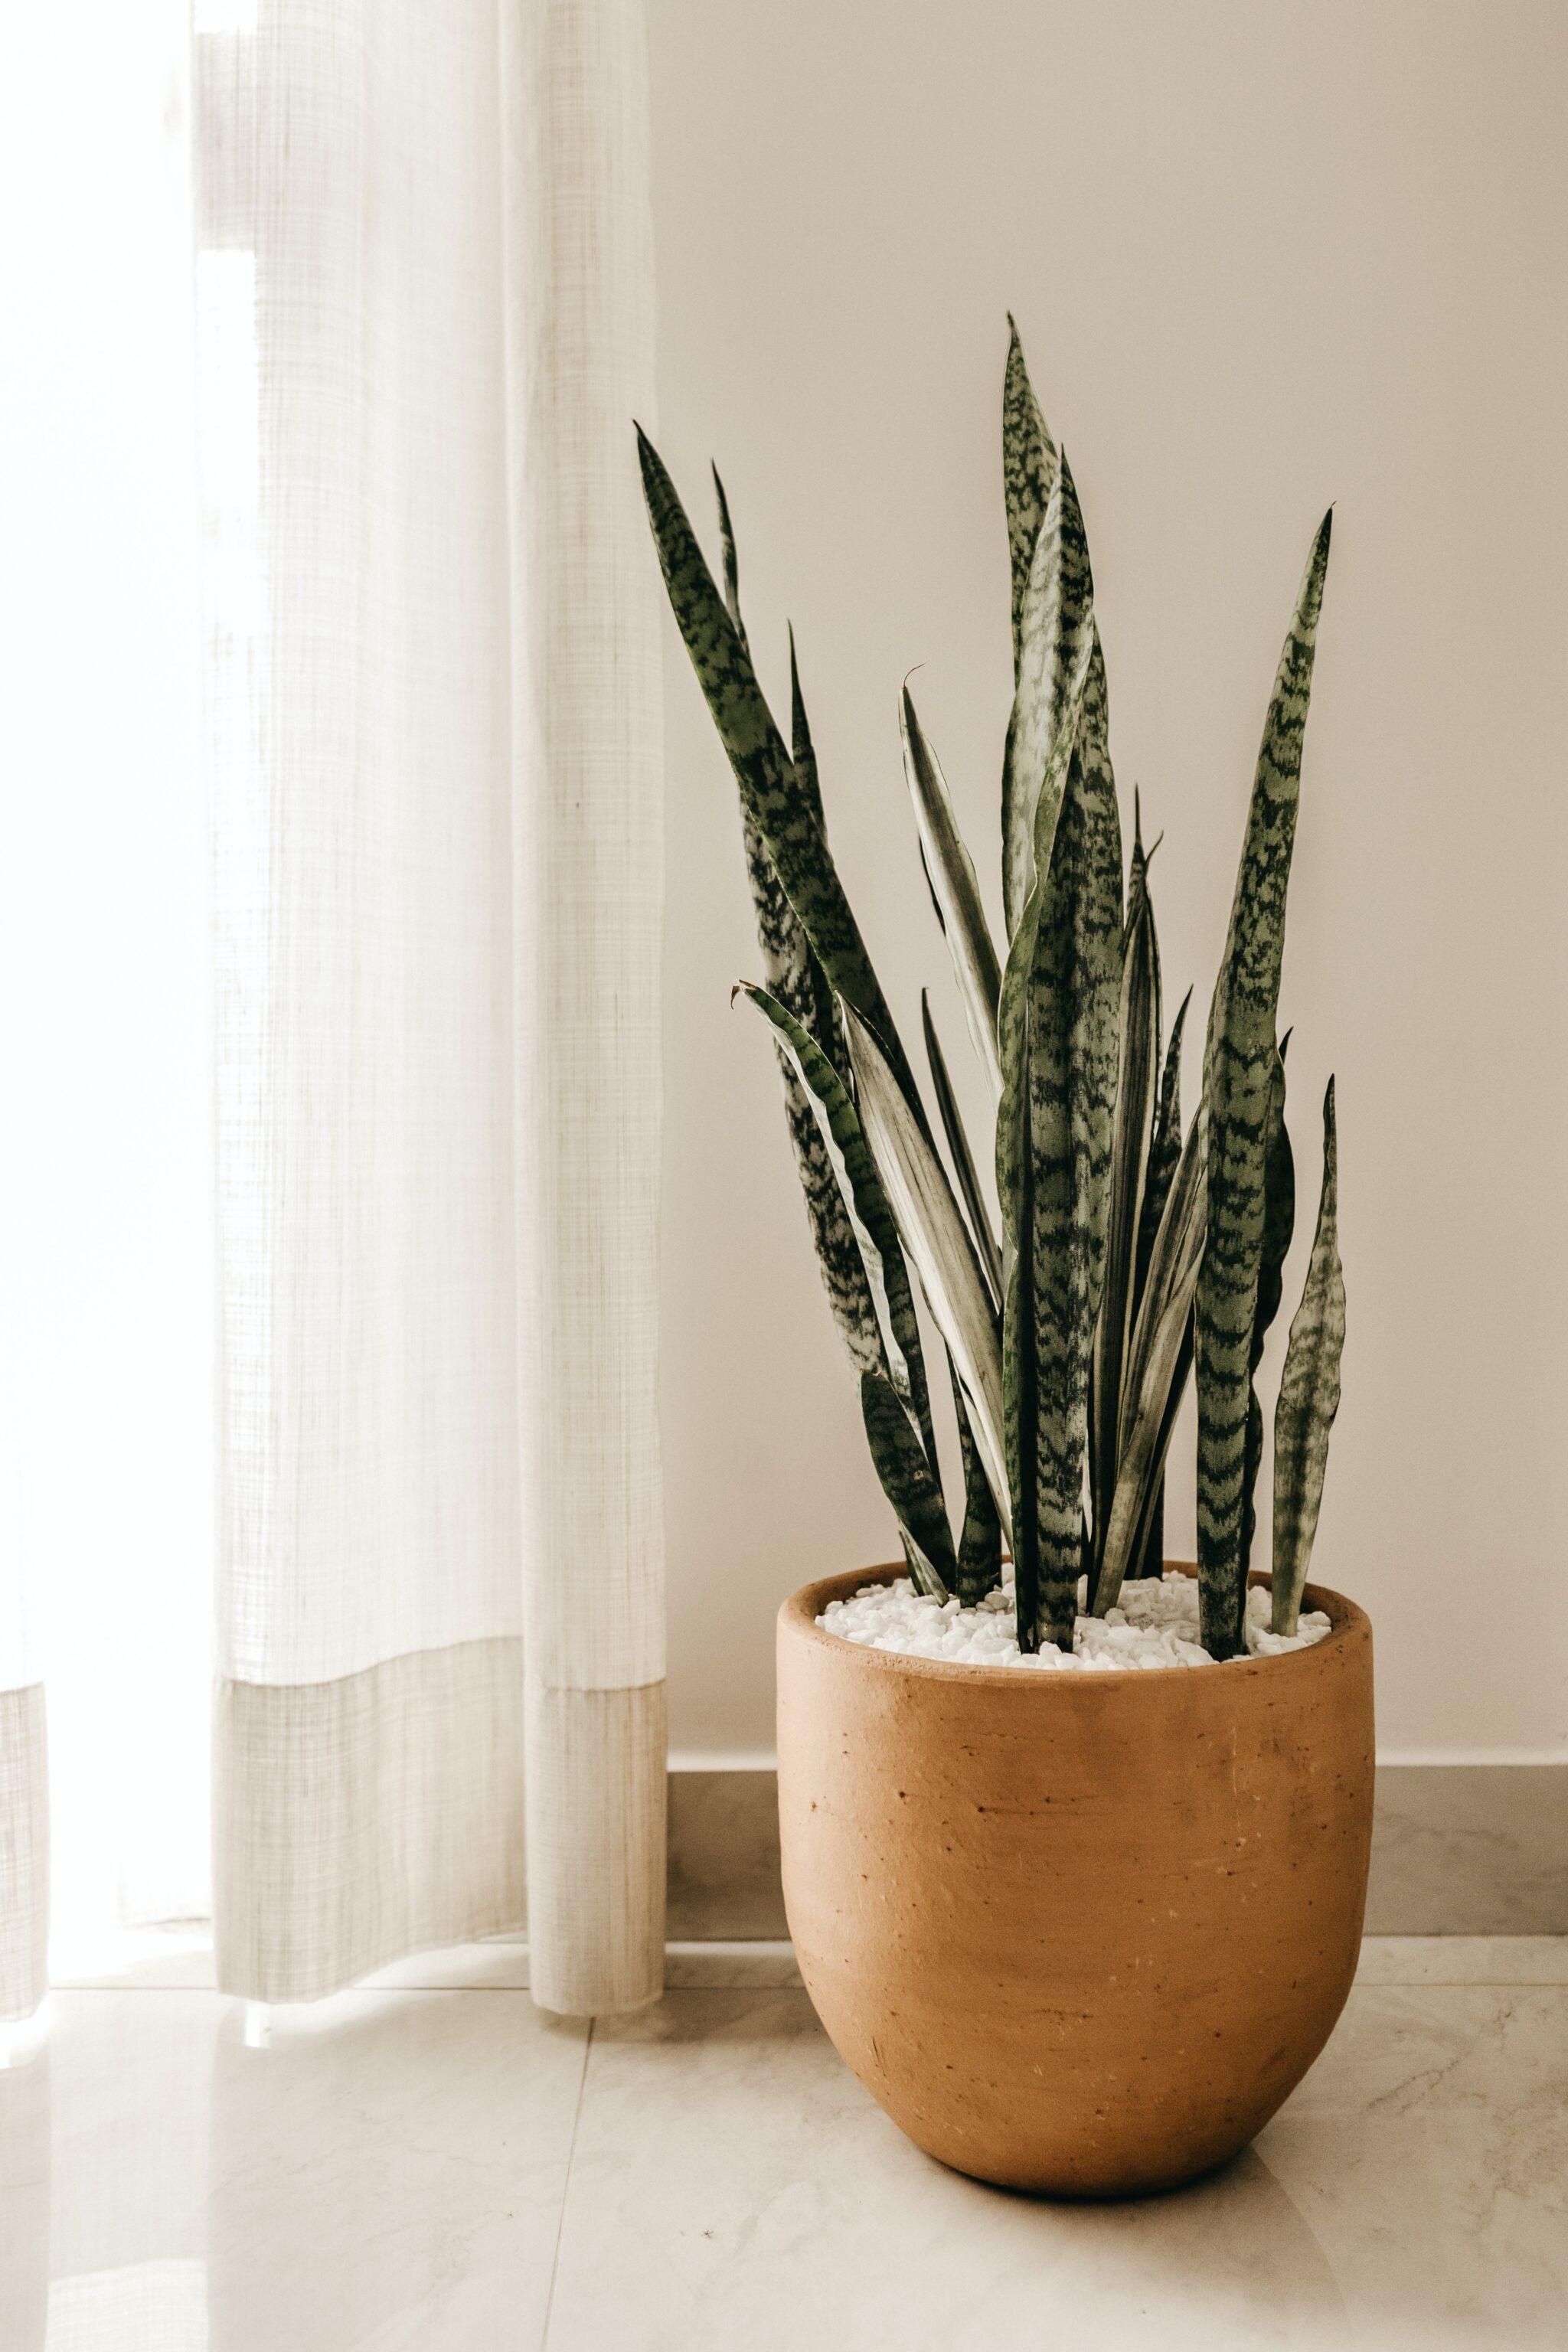 houseplant by window